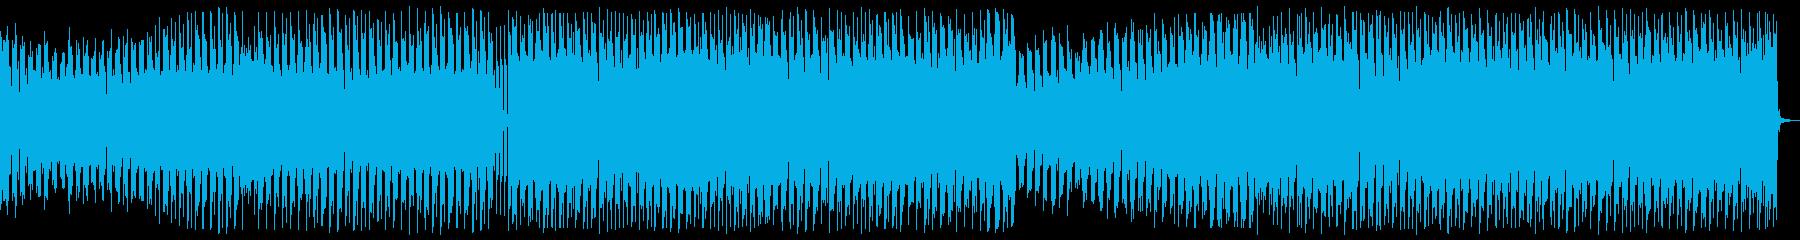 キラキラしたエレクトロ_No645_1の再生済みの波形